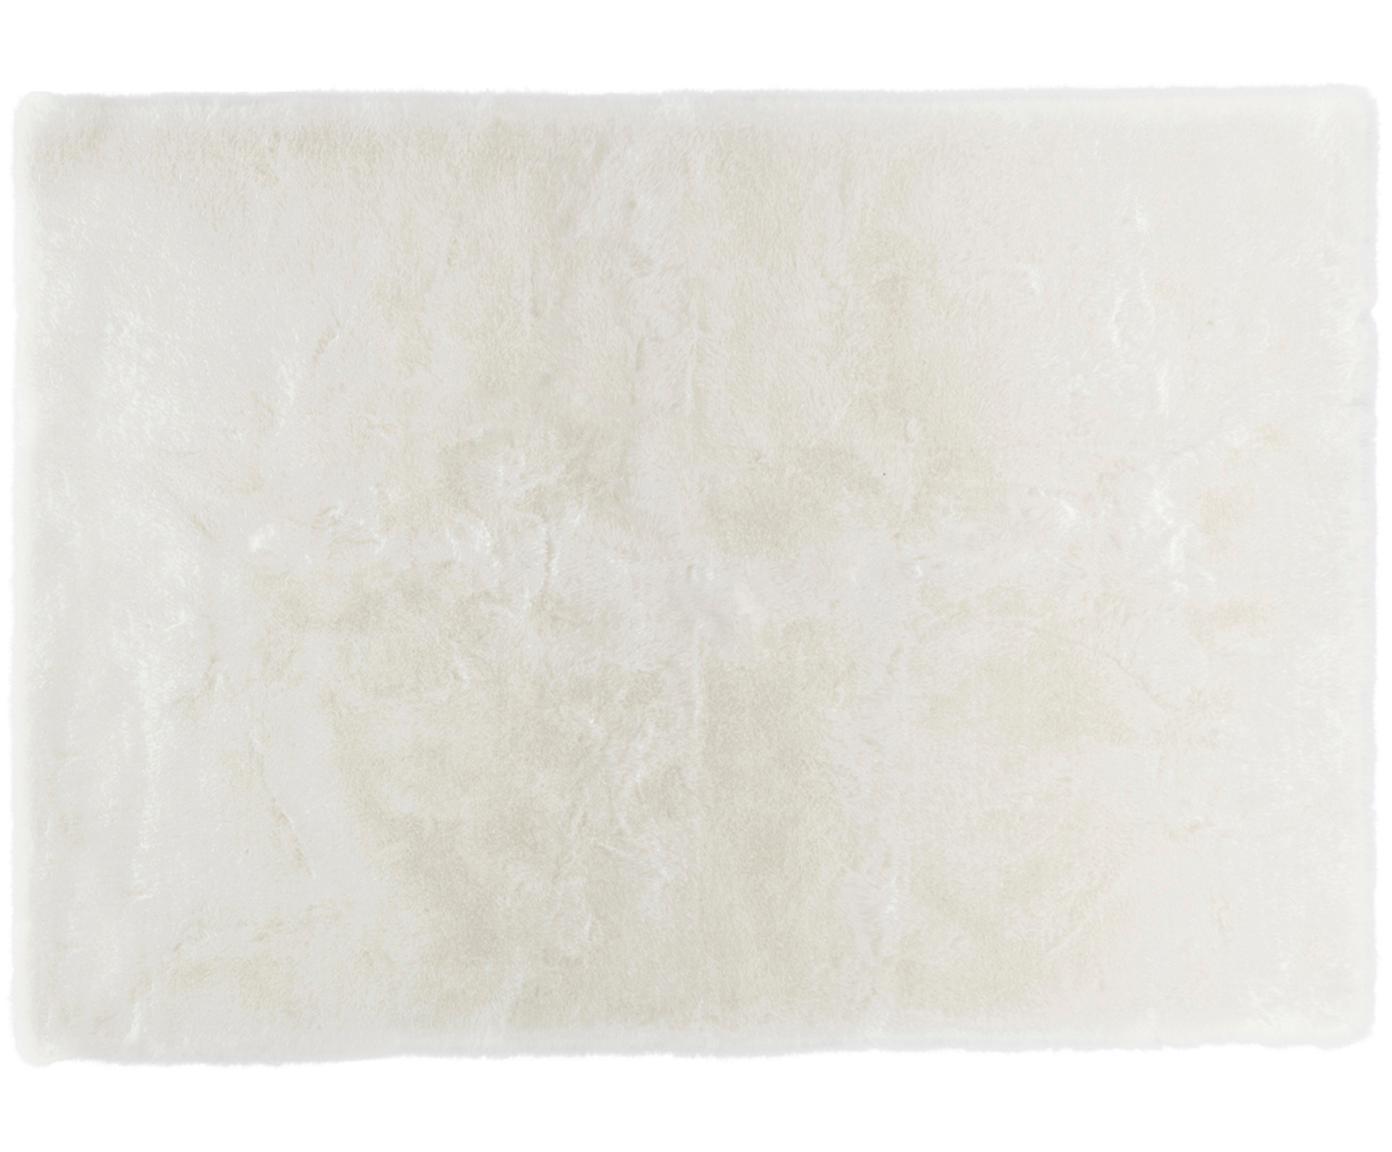 Tappeto a pelo morbido Superior, Vello: 95% acrilico, 5% polieste, Retro: similpelle, Bianco, Larg. 120 x Lung. 170 cm (taglia S)